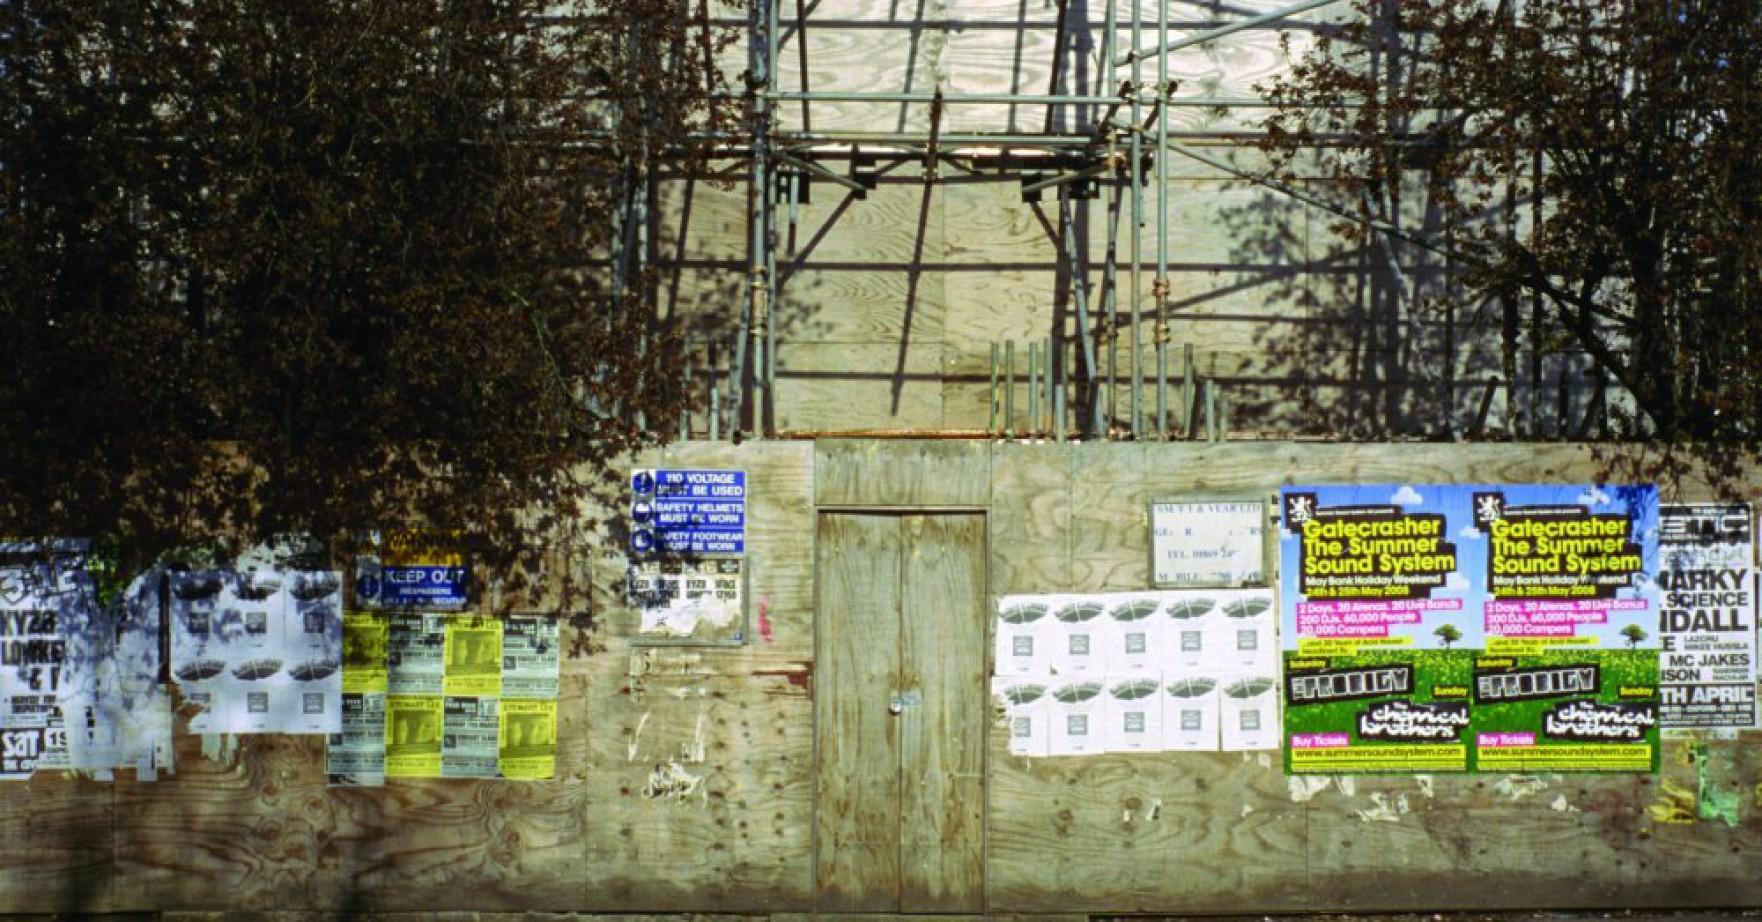 El Videoclub: 'Robinson in ruins'